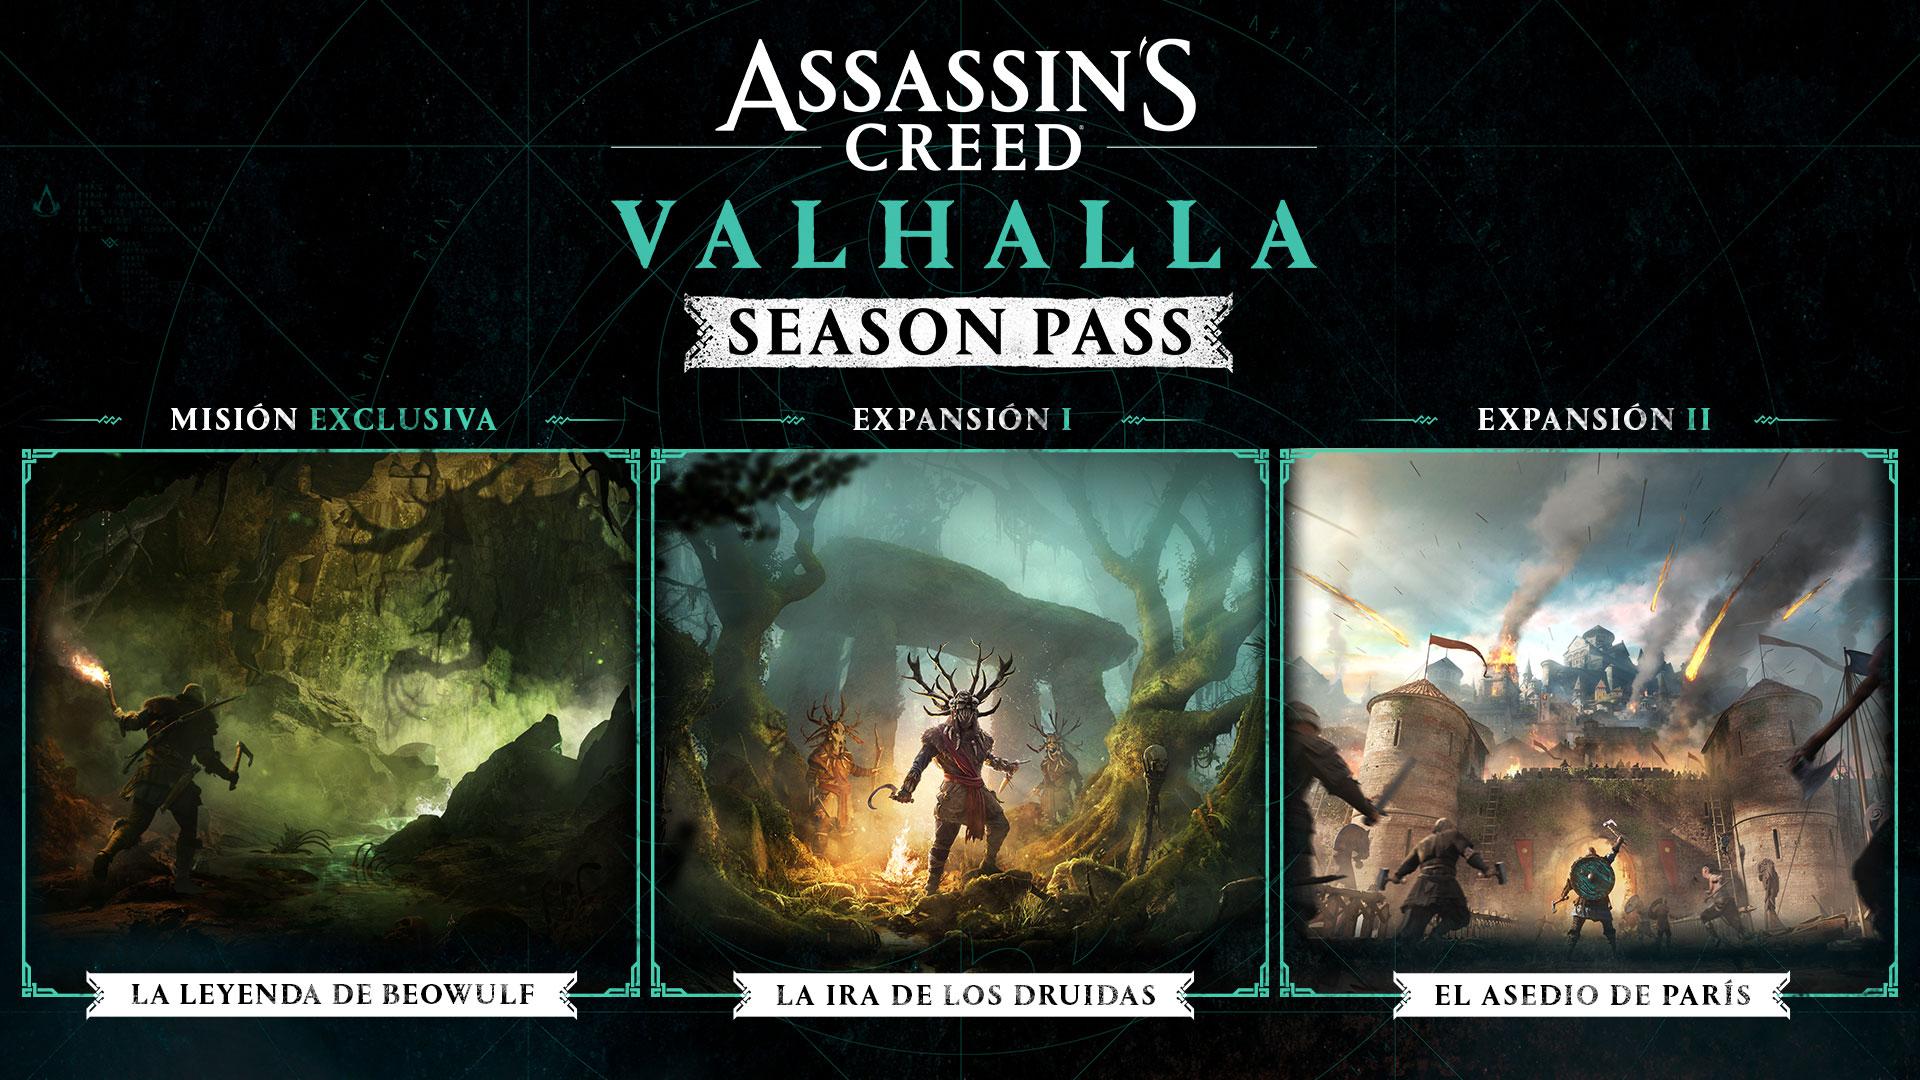 La Ira de los Druidas de Assassin's Creed Valhalla llega el 29 de abril